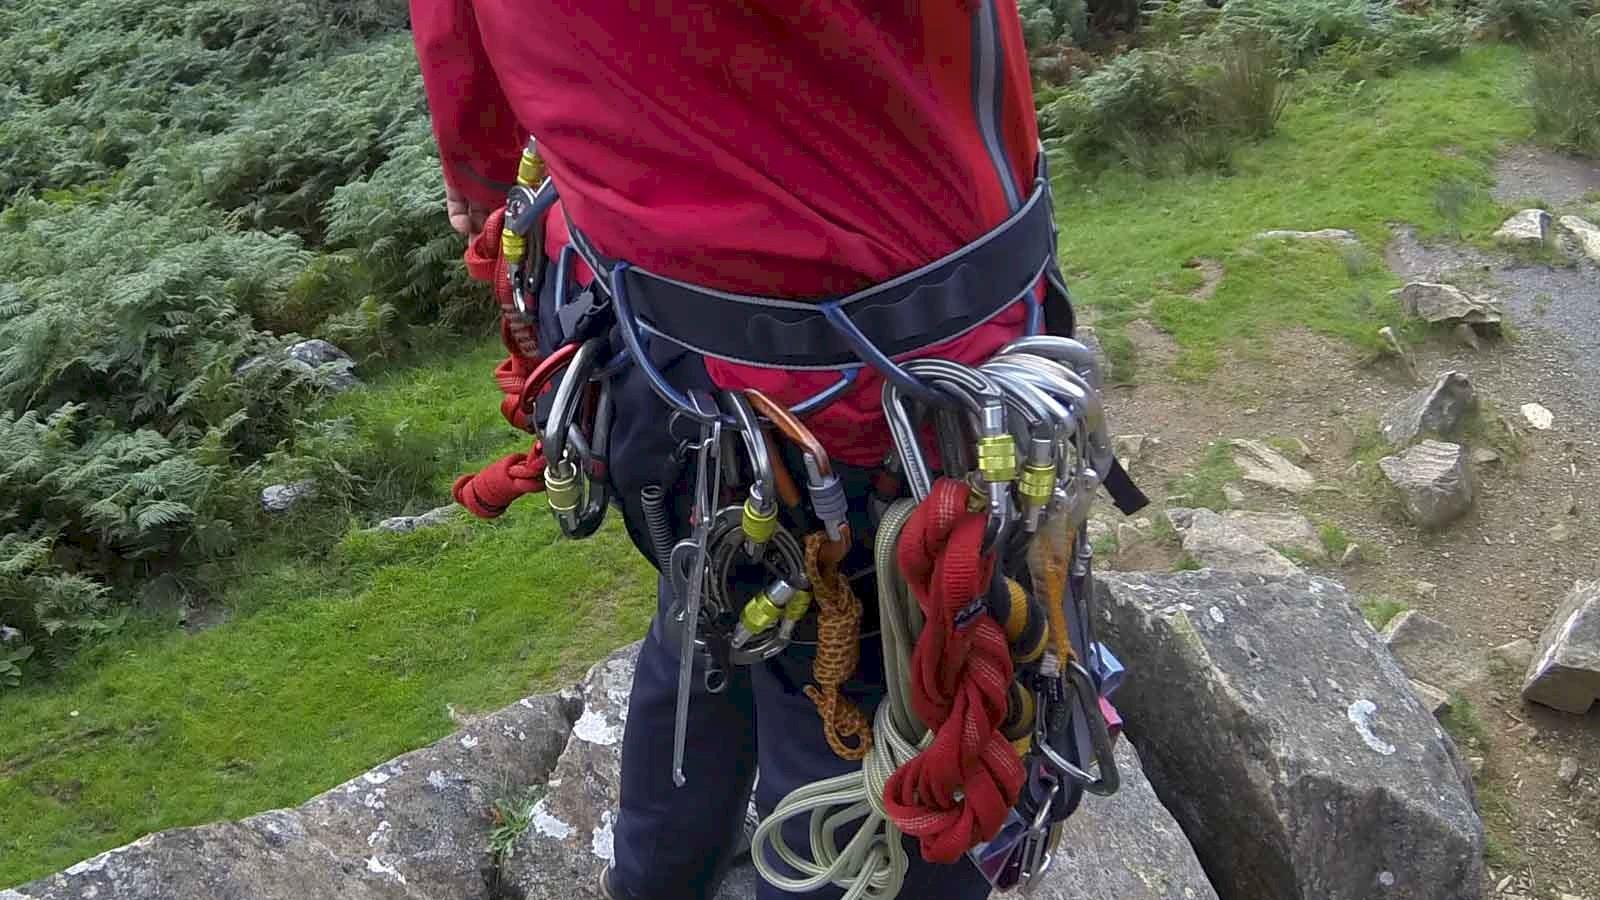 DMM Super Couloir Rock Climbing Harness